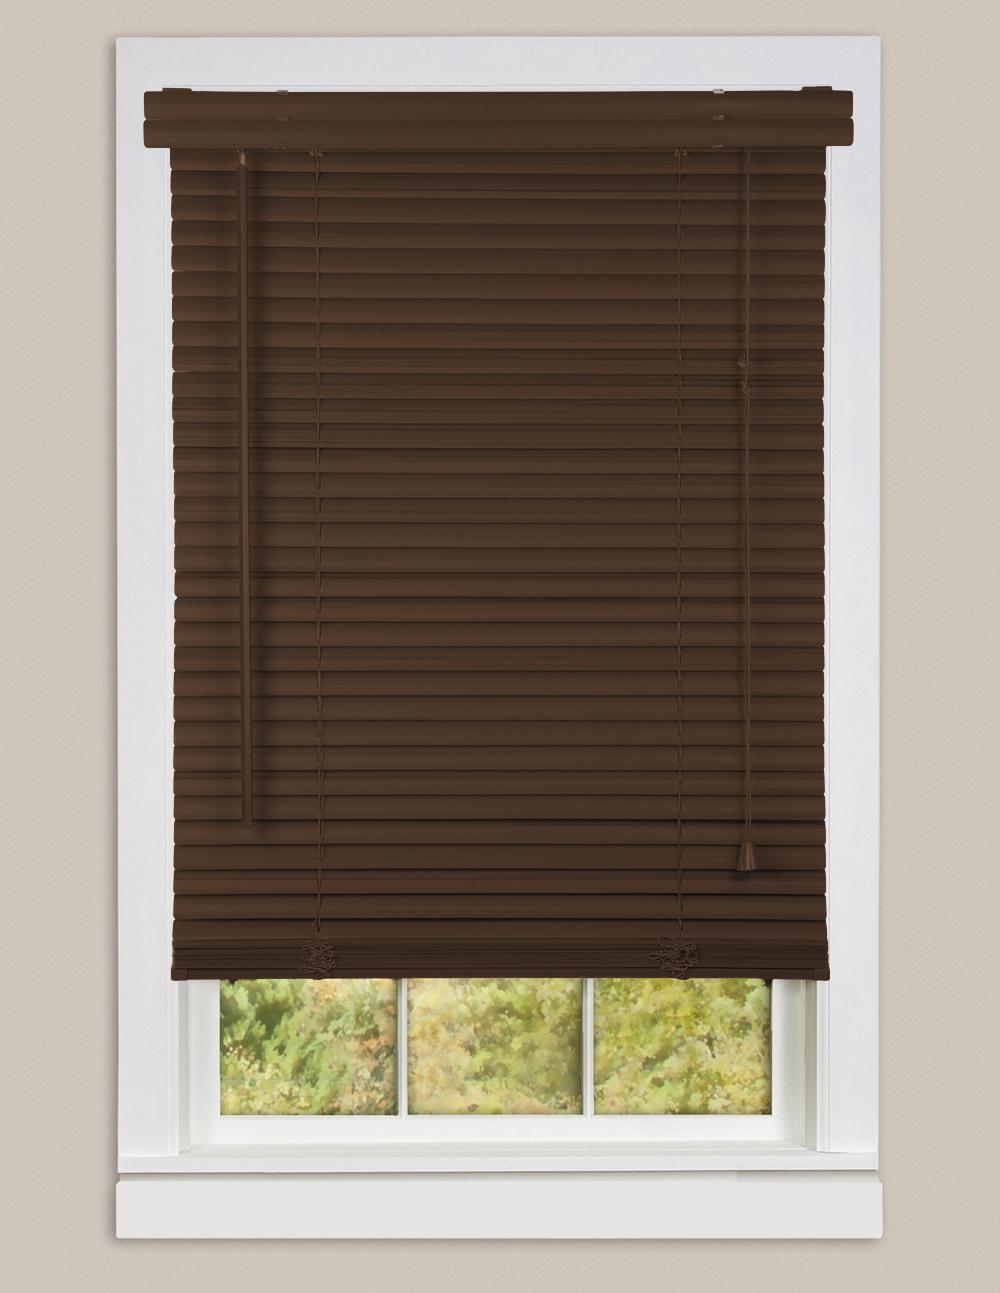 Window Blinds Mini Blind 1 Slat Vinyl Venetian Blinds